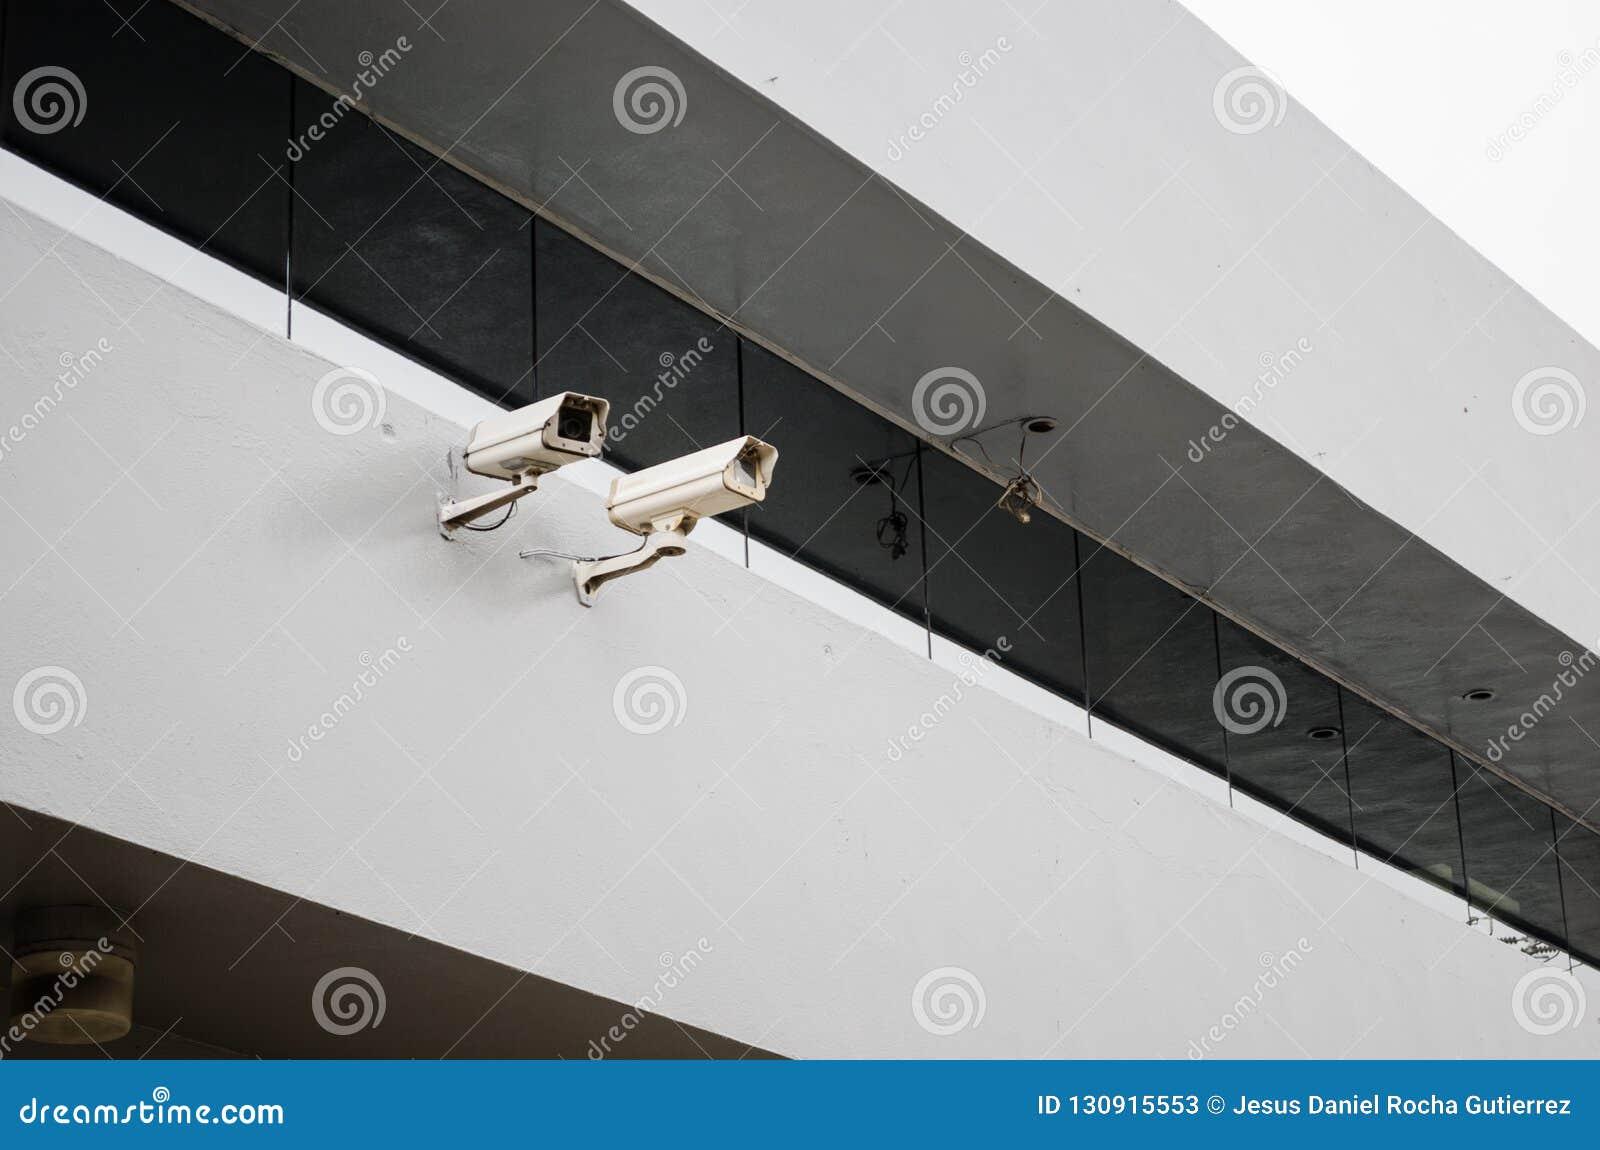 Vicino fino a due videocamere di sicurezza sulla struttura di una costruzione con un grande specchio sopra loro